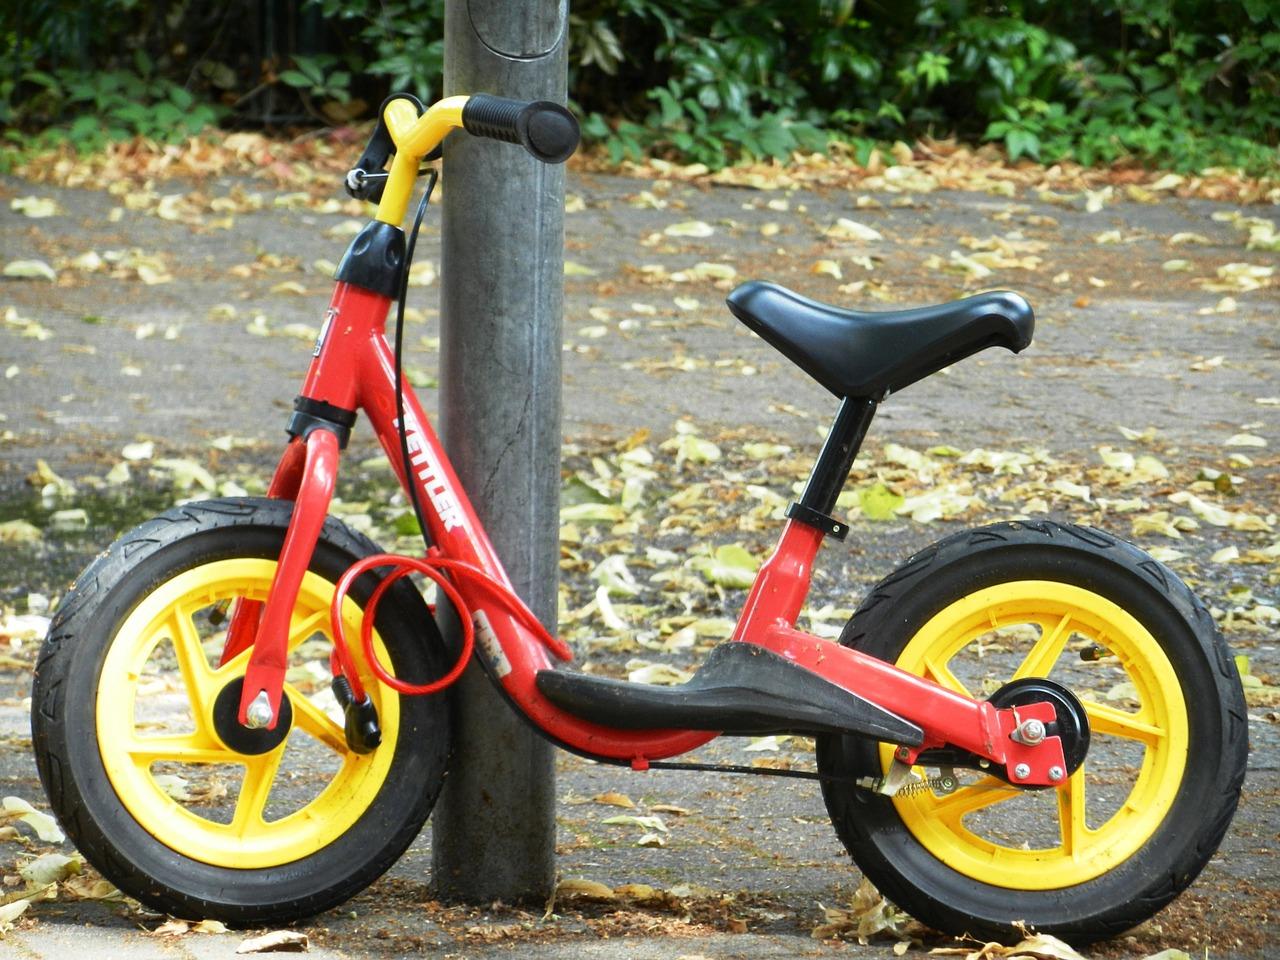 bike-962694_1280.jpg